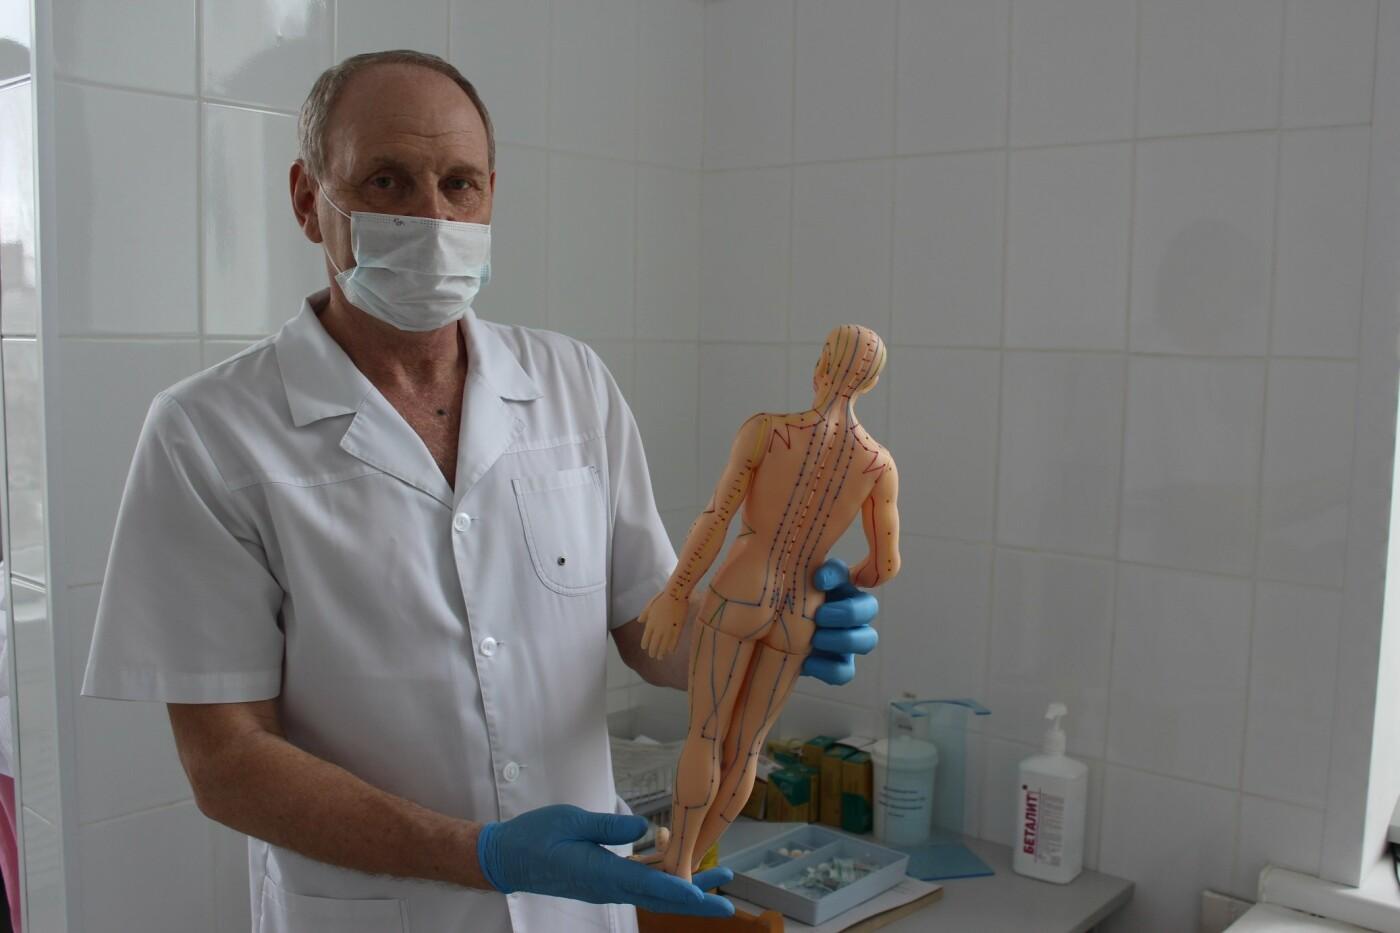 Димитровградские физиотерапевты применяют новые методы рефлексотерапии, фото-2